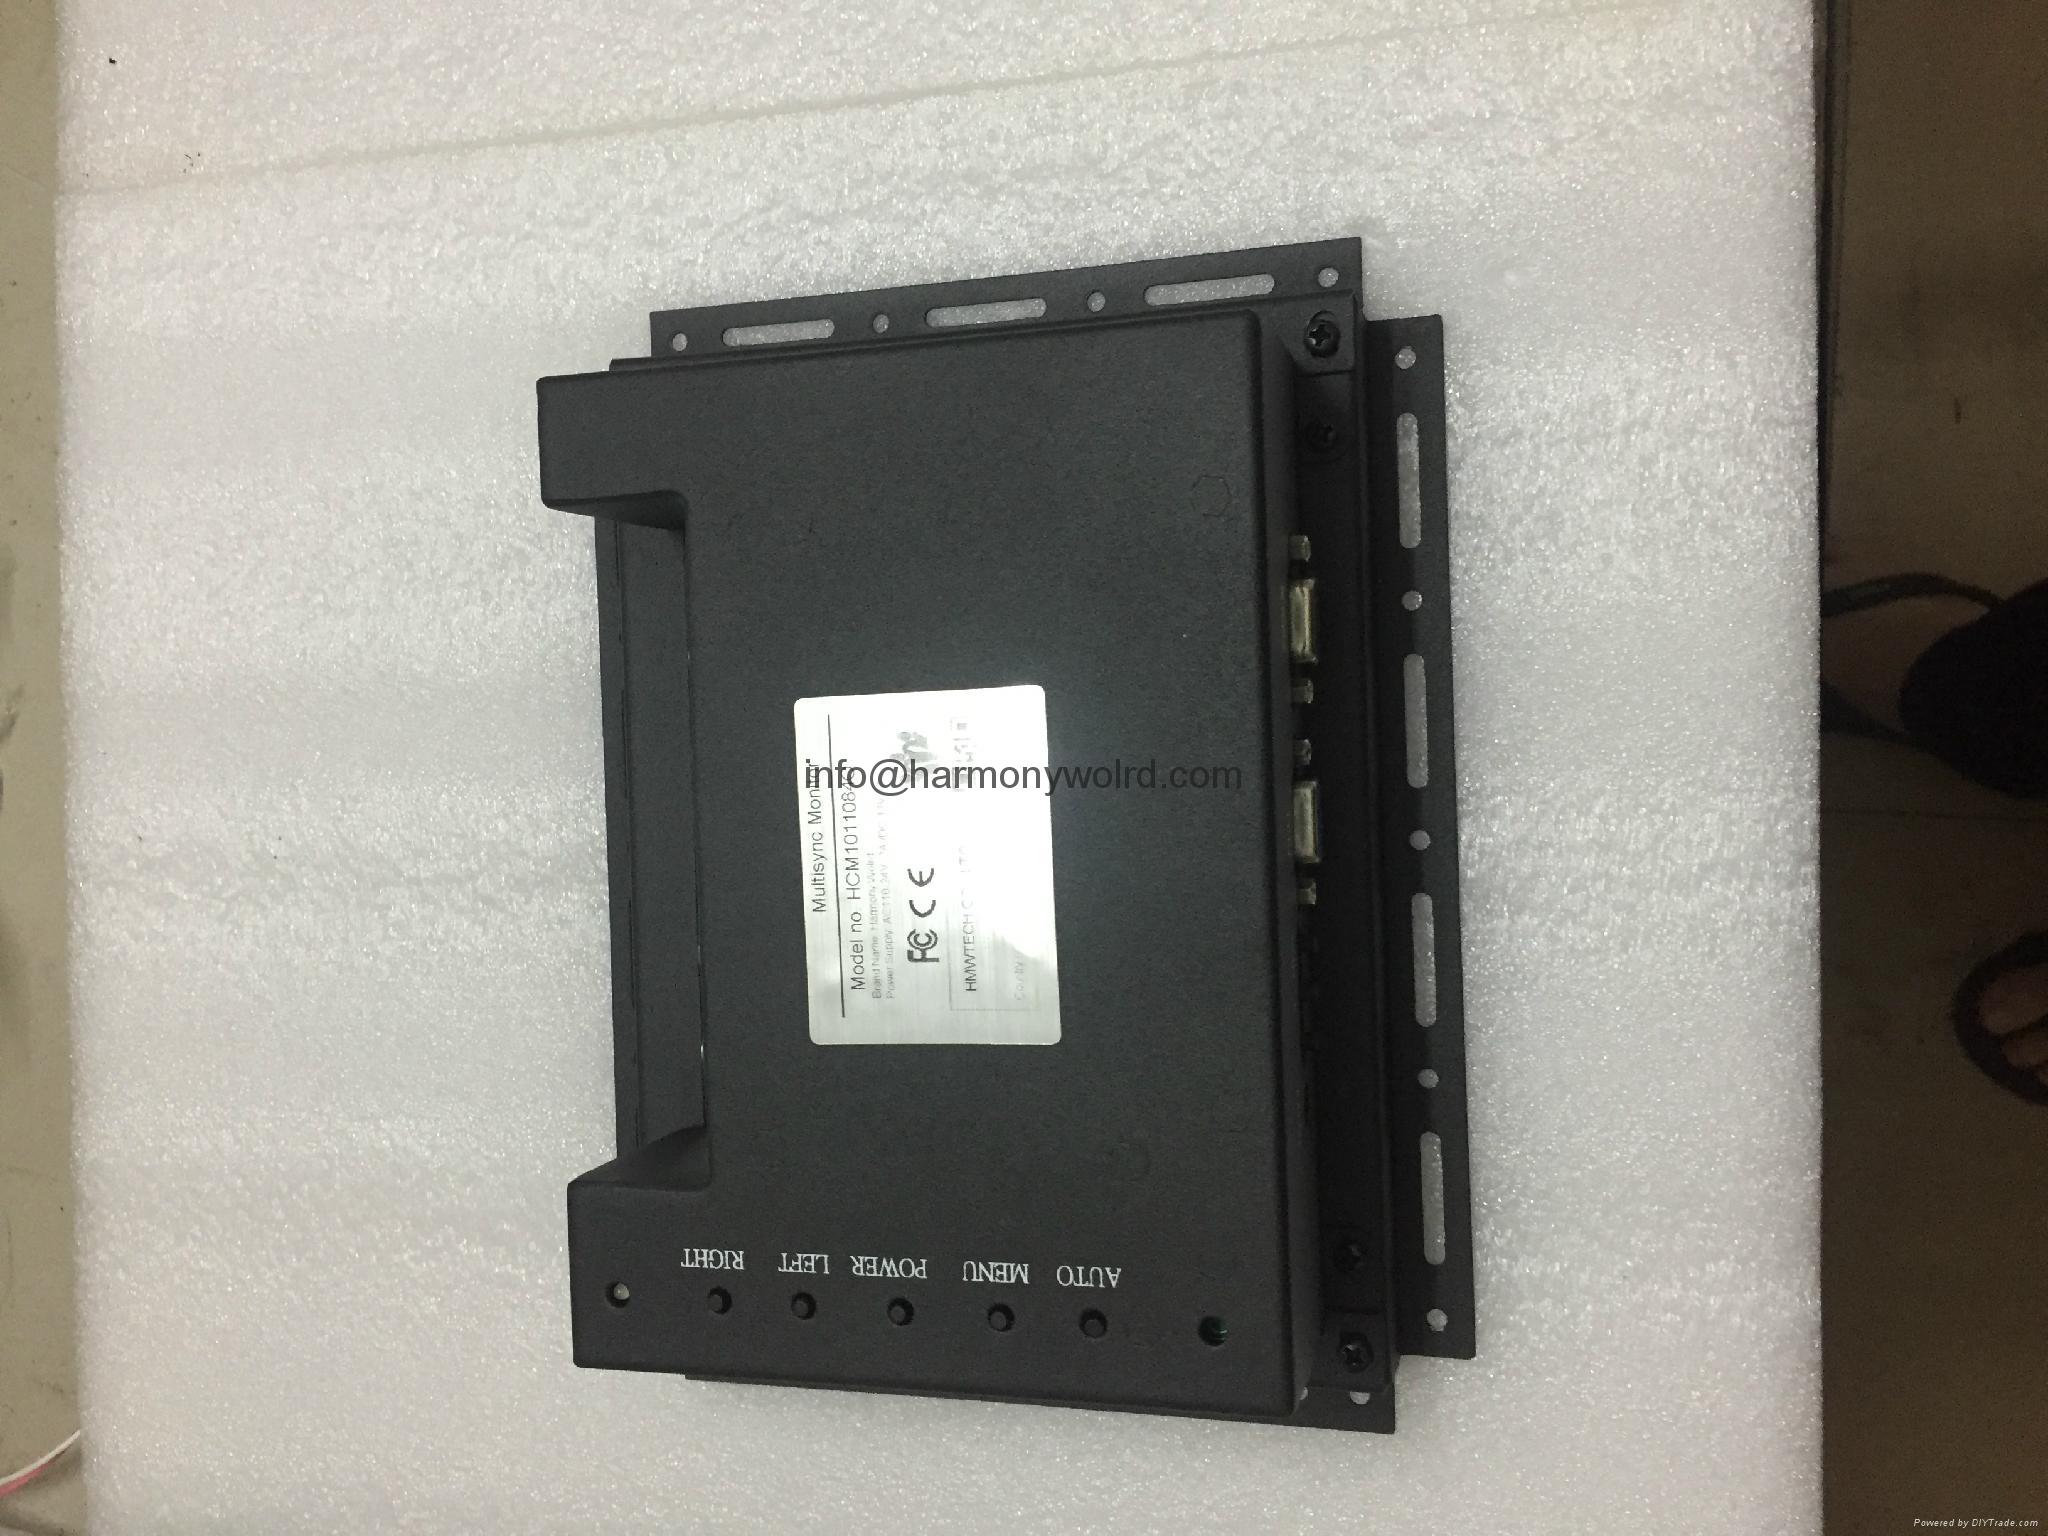 Upgrade 91-01538-01 Modicon Monitors 91-01538-05 92-00226-03 92-00922-00 to LCDs 19